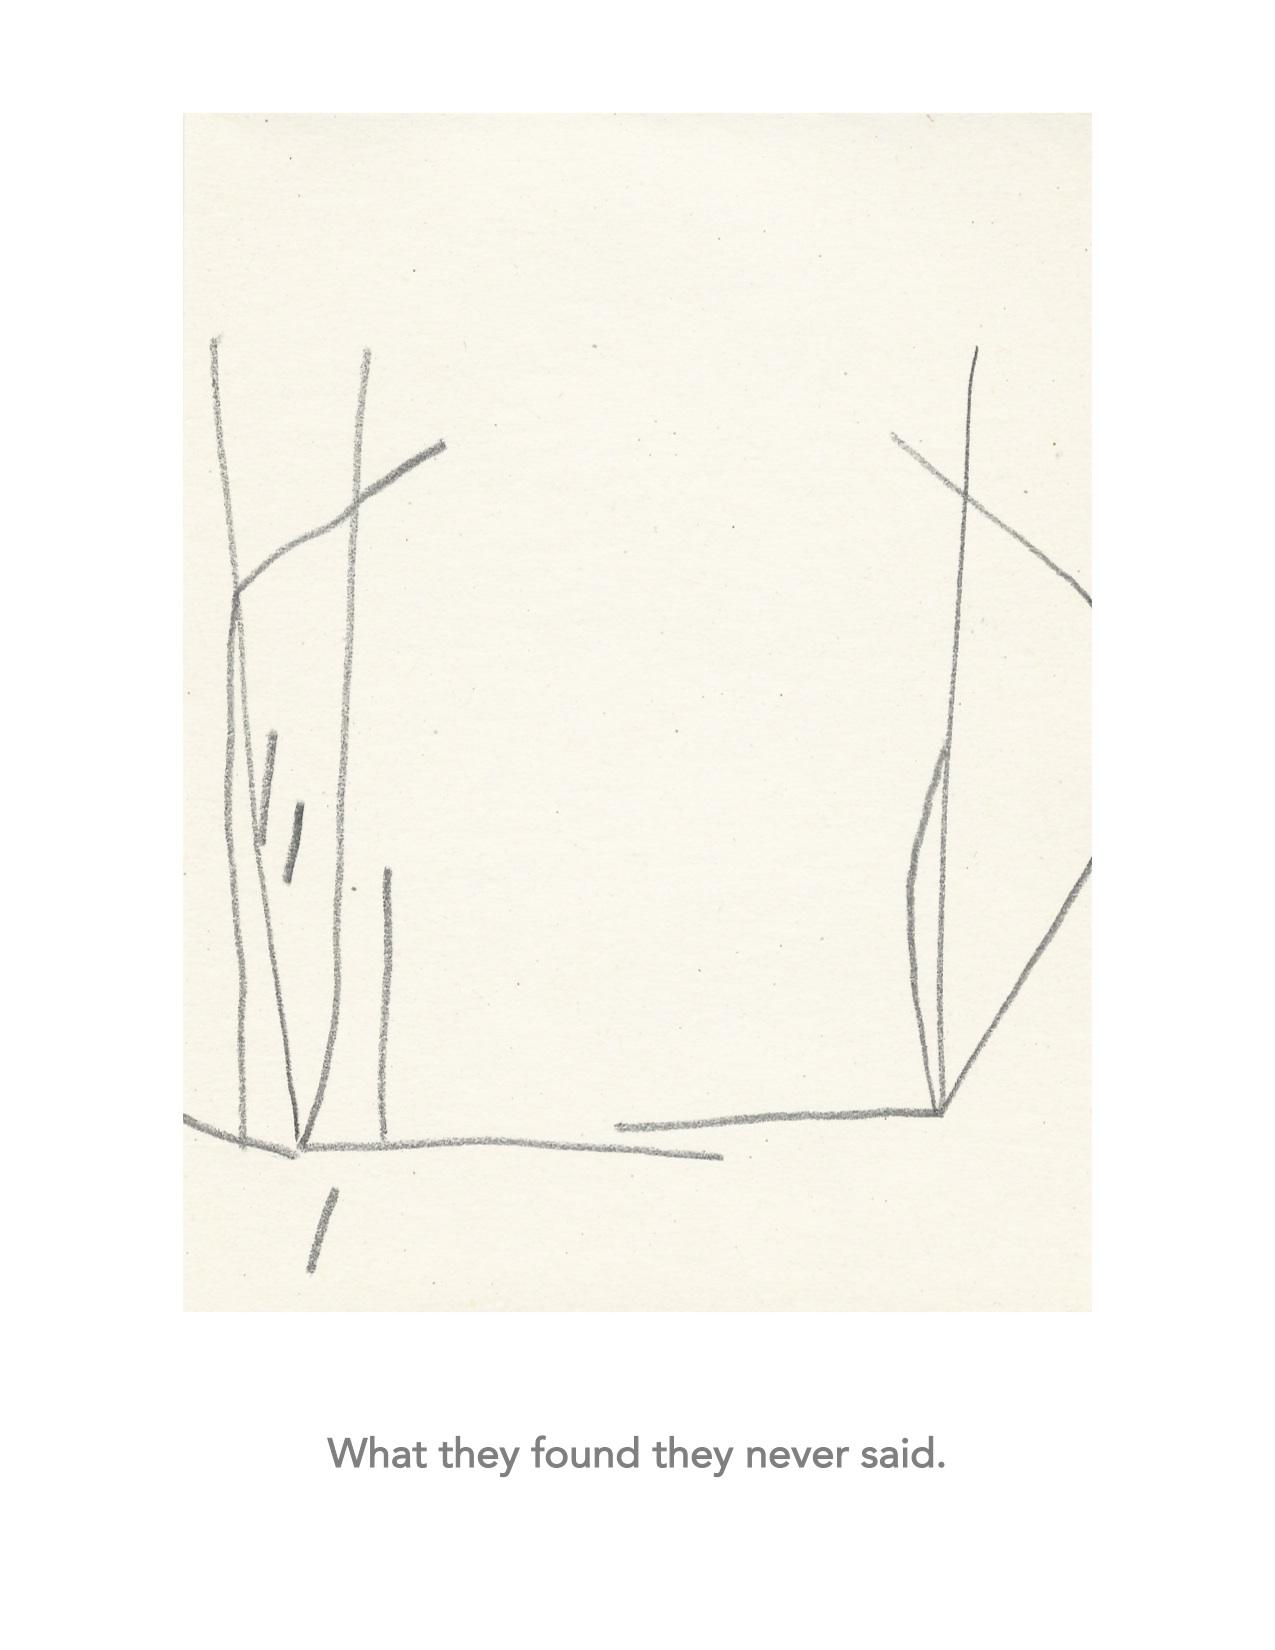 Einstein's Mind Chapter 1 Page 15 (031714).jpg